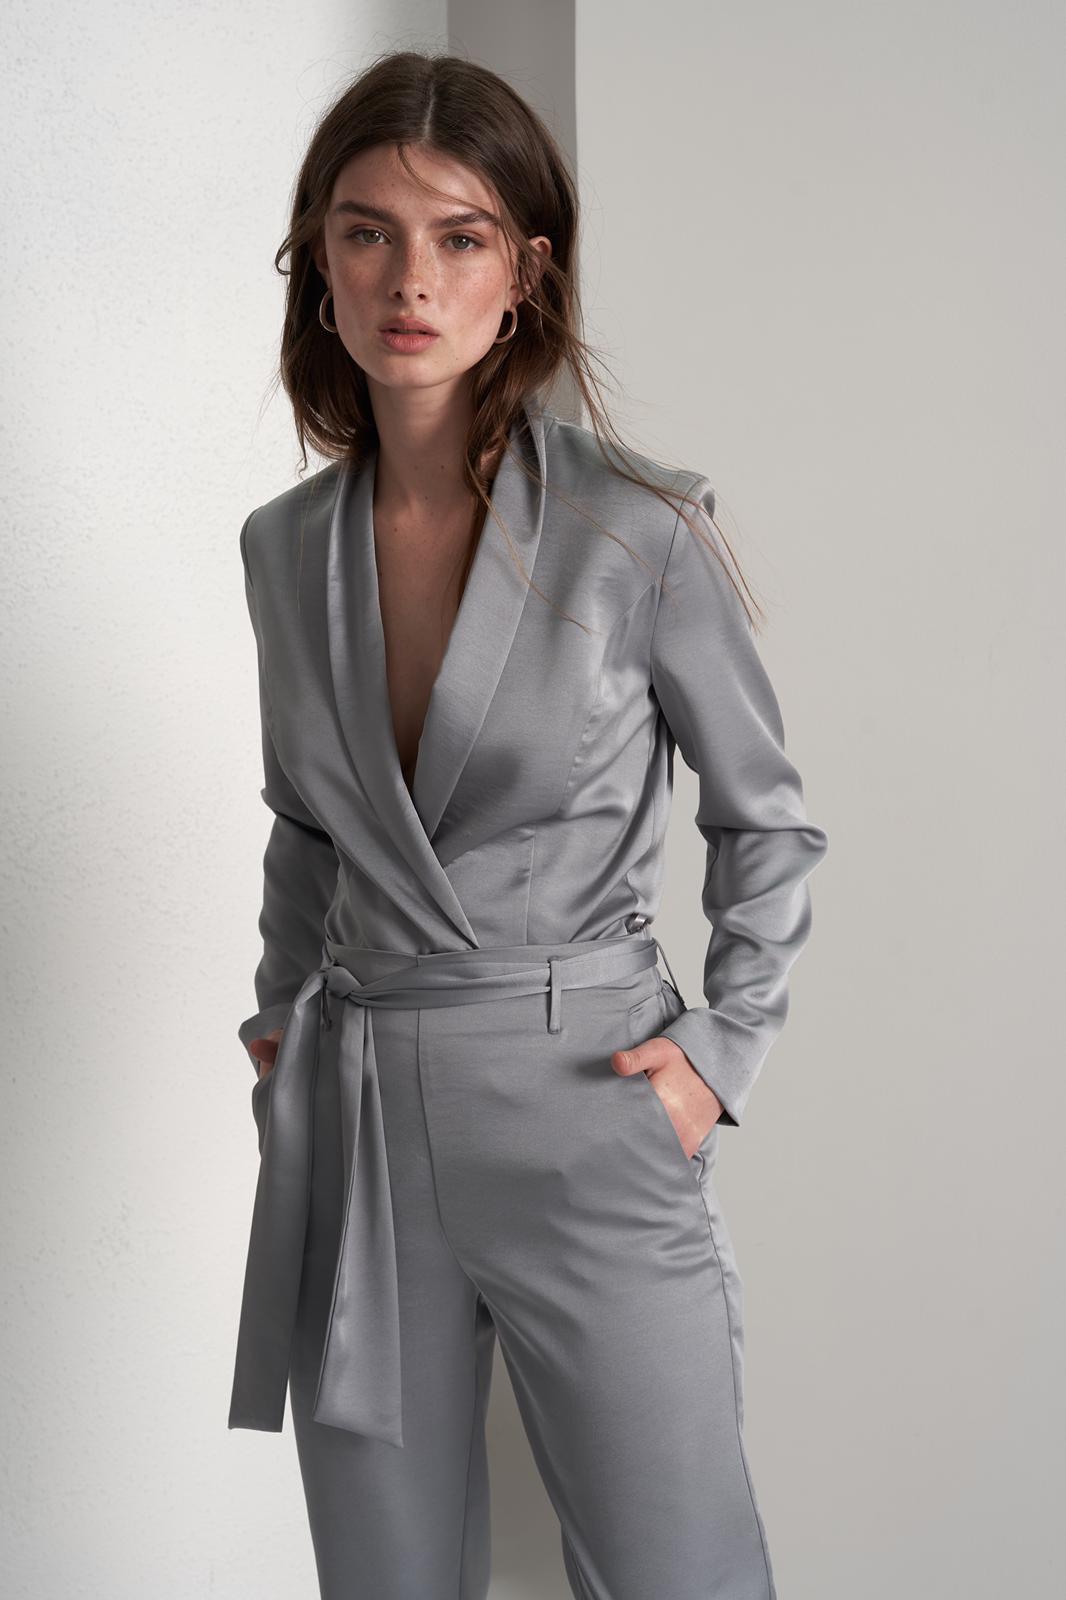 קולקציית אביב-קיץ מרשימה למותג האופנה איזבלה